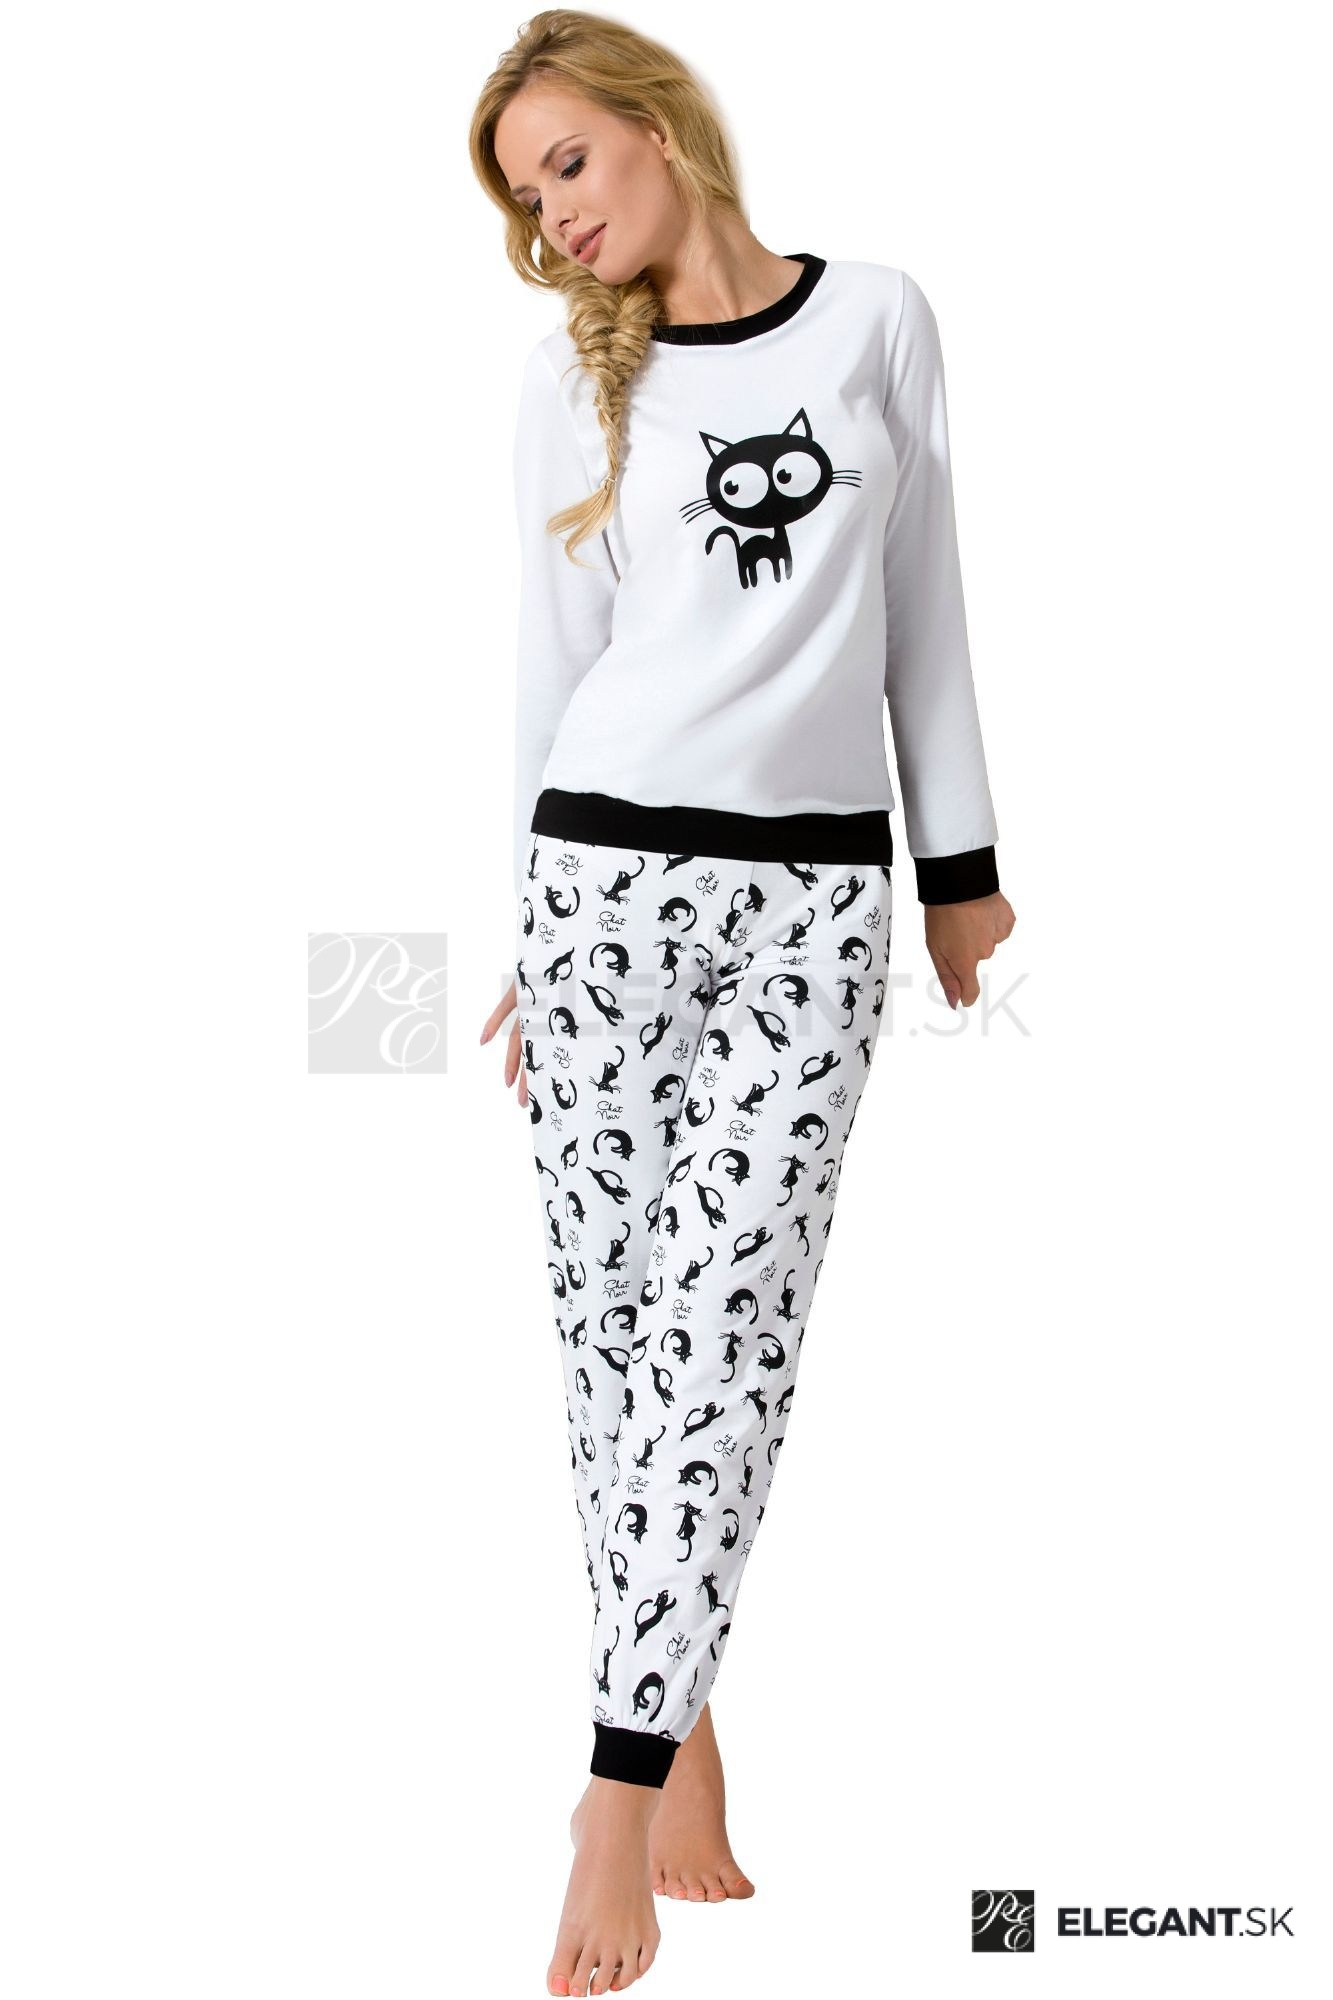 b012a0238b6f Luxusní dámské bavlněné pyžamo Black cat se vzorem koček antibakteriální s  dlouhými rukávy